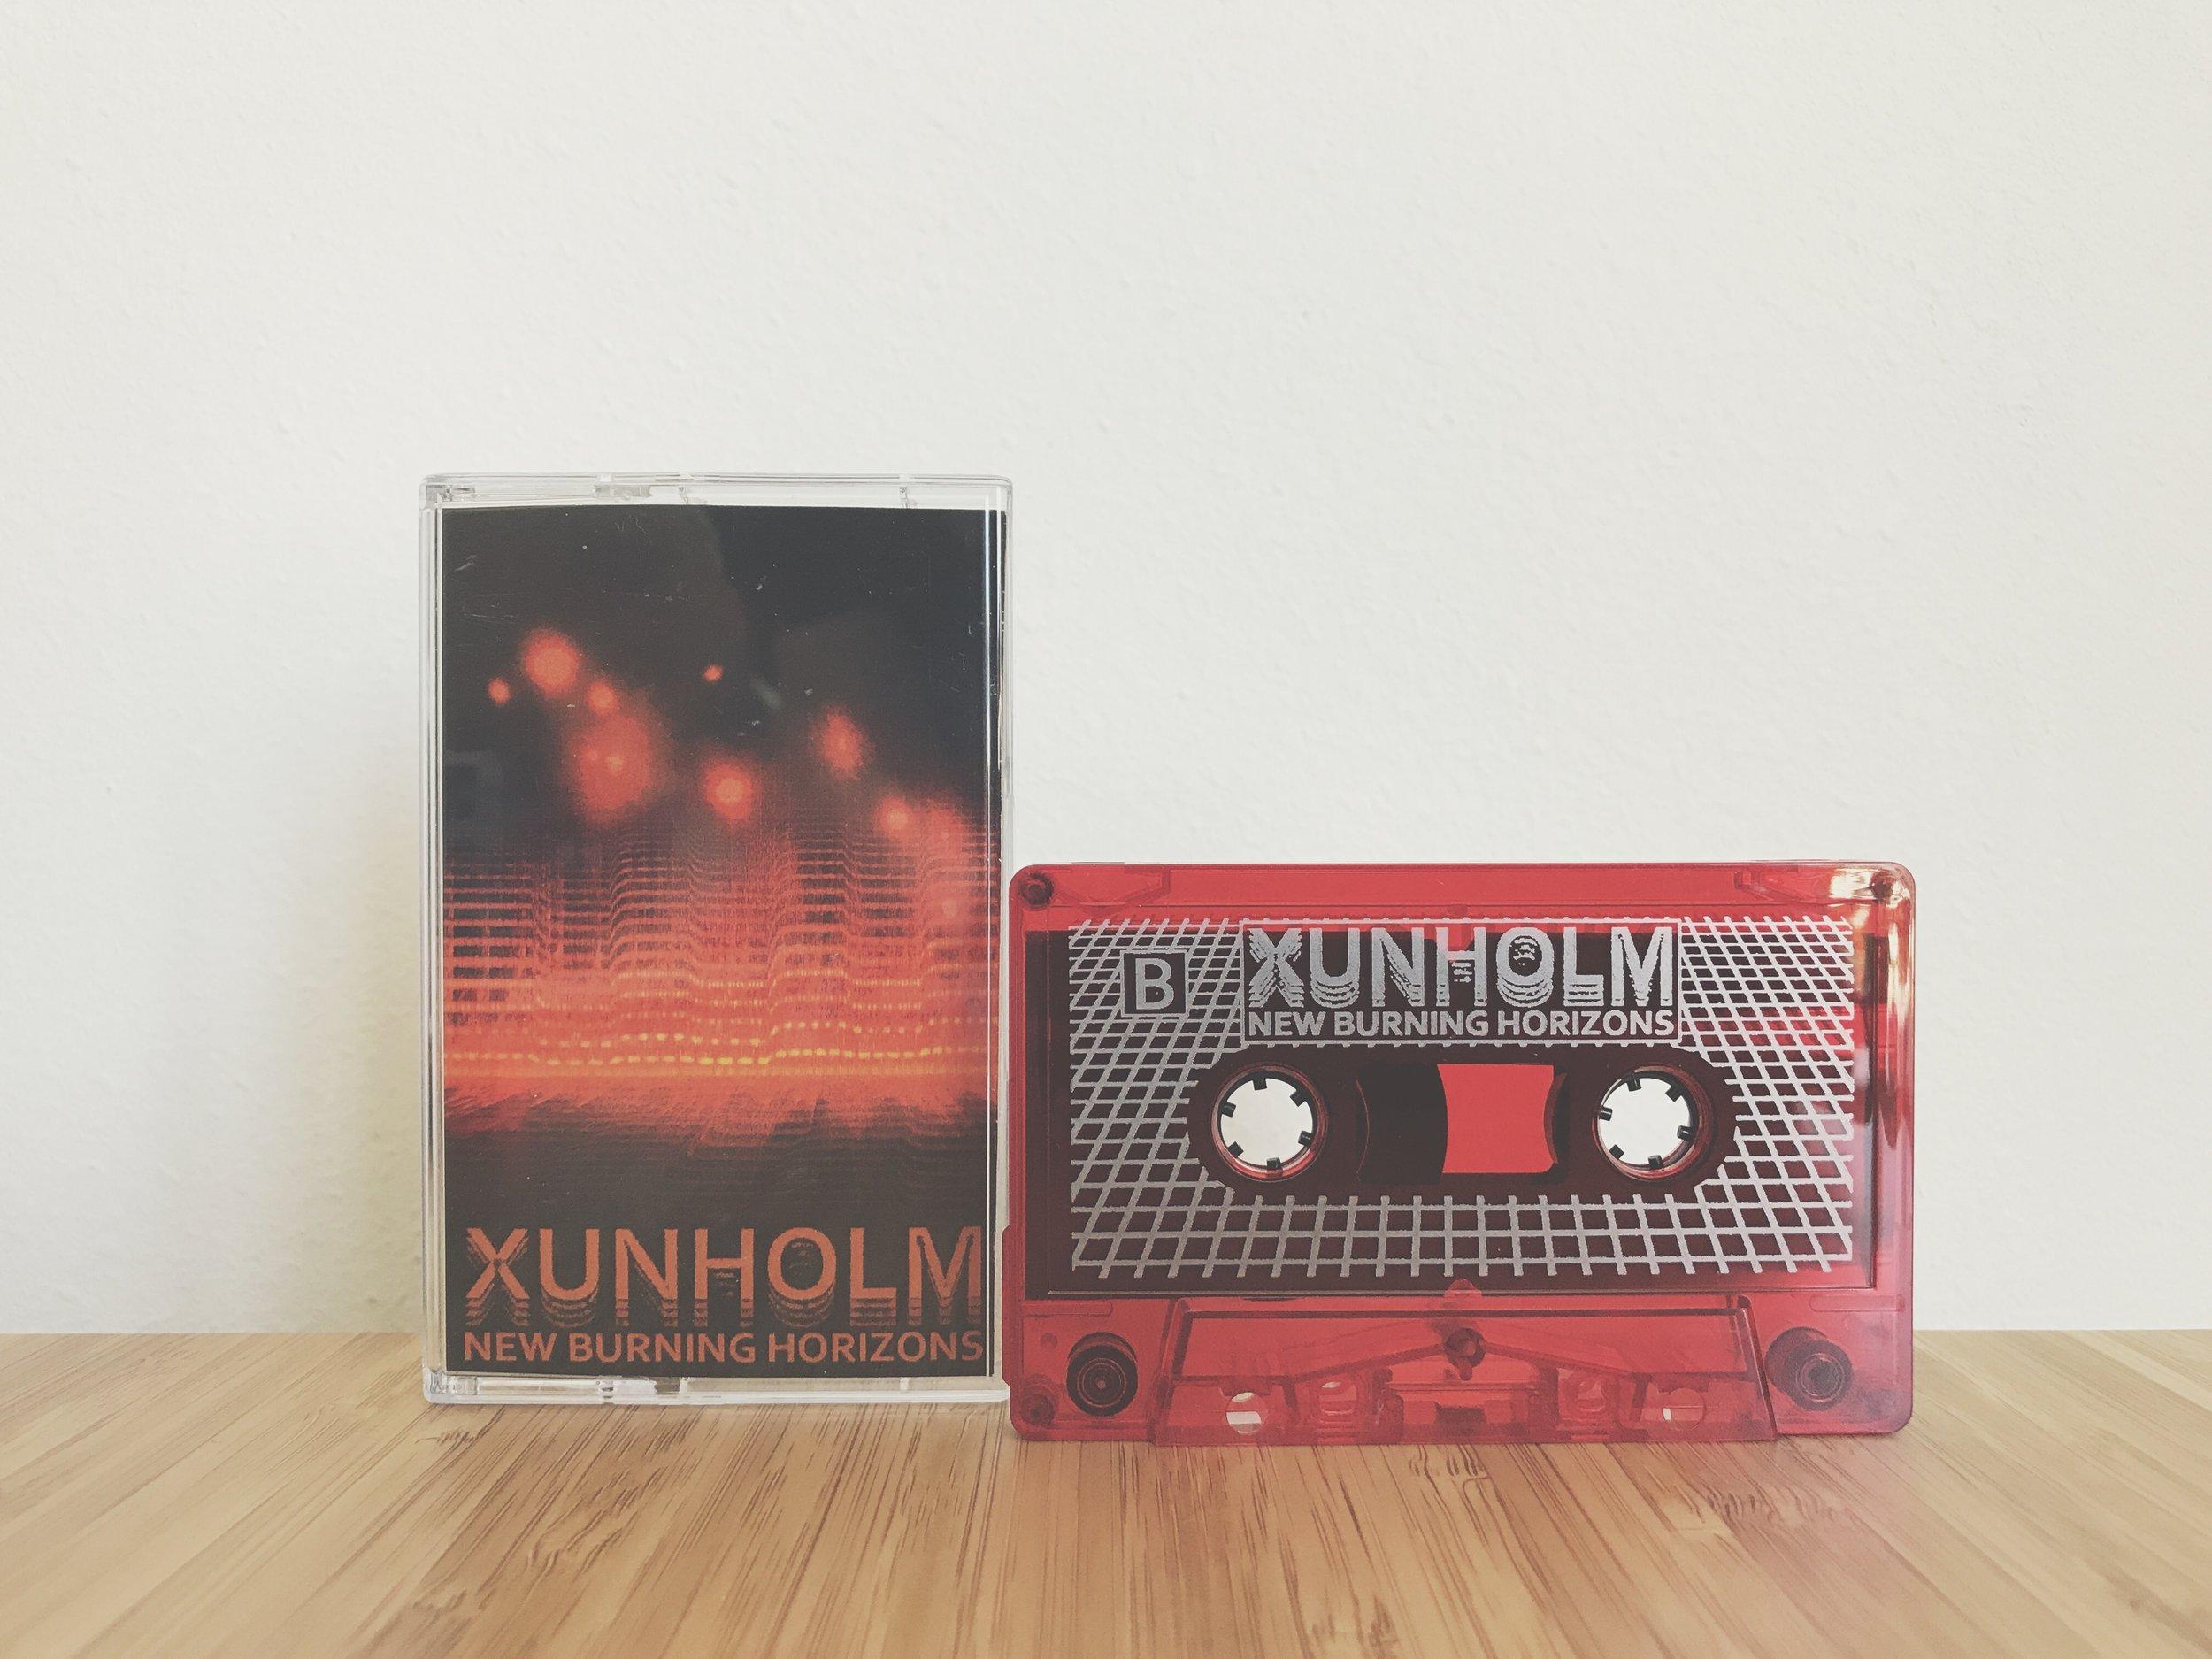 Xunholm - New Burning Horizon (Skrot Up)